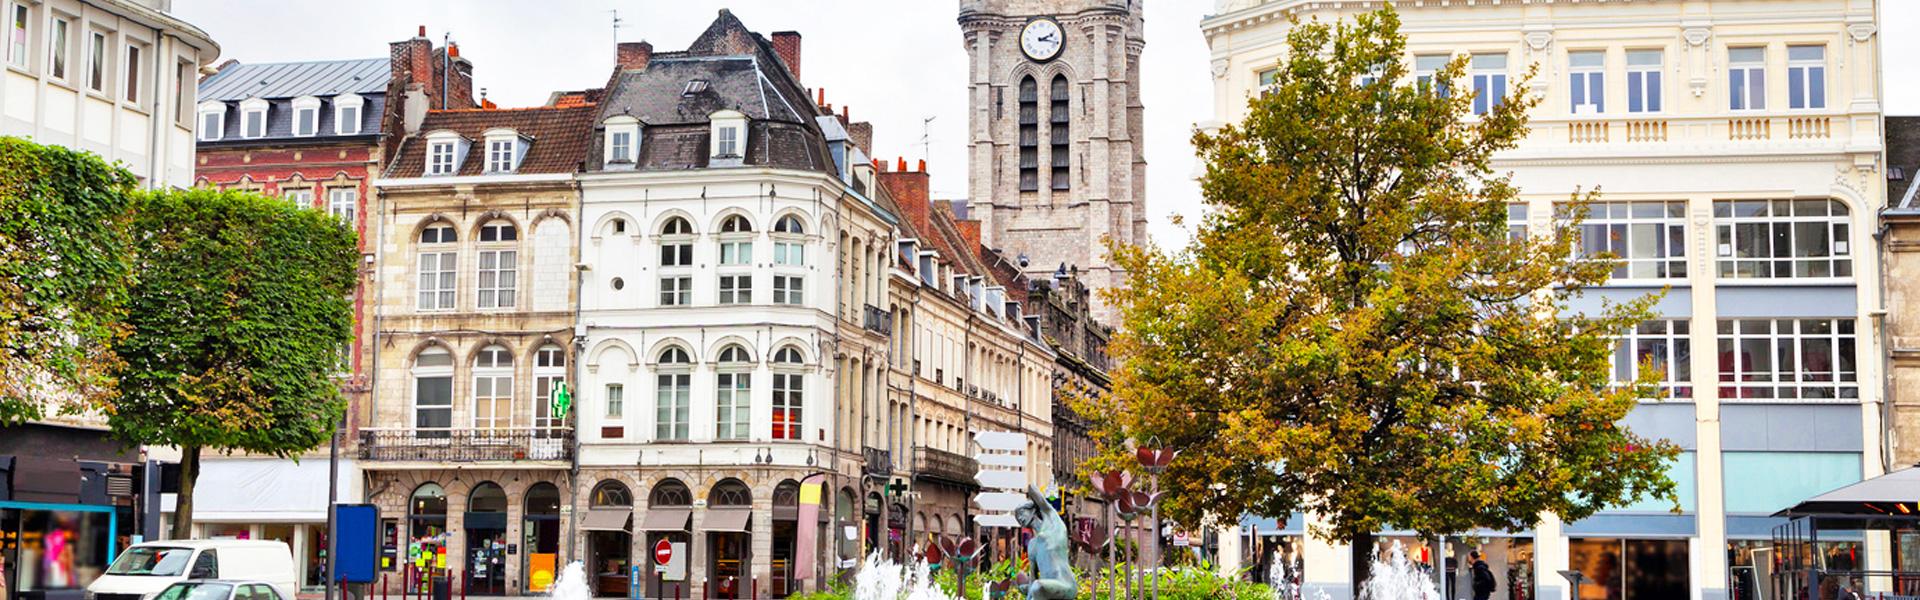 Photo de Douai, à proximité de l'agence web douaisienne Farouk Nasri